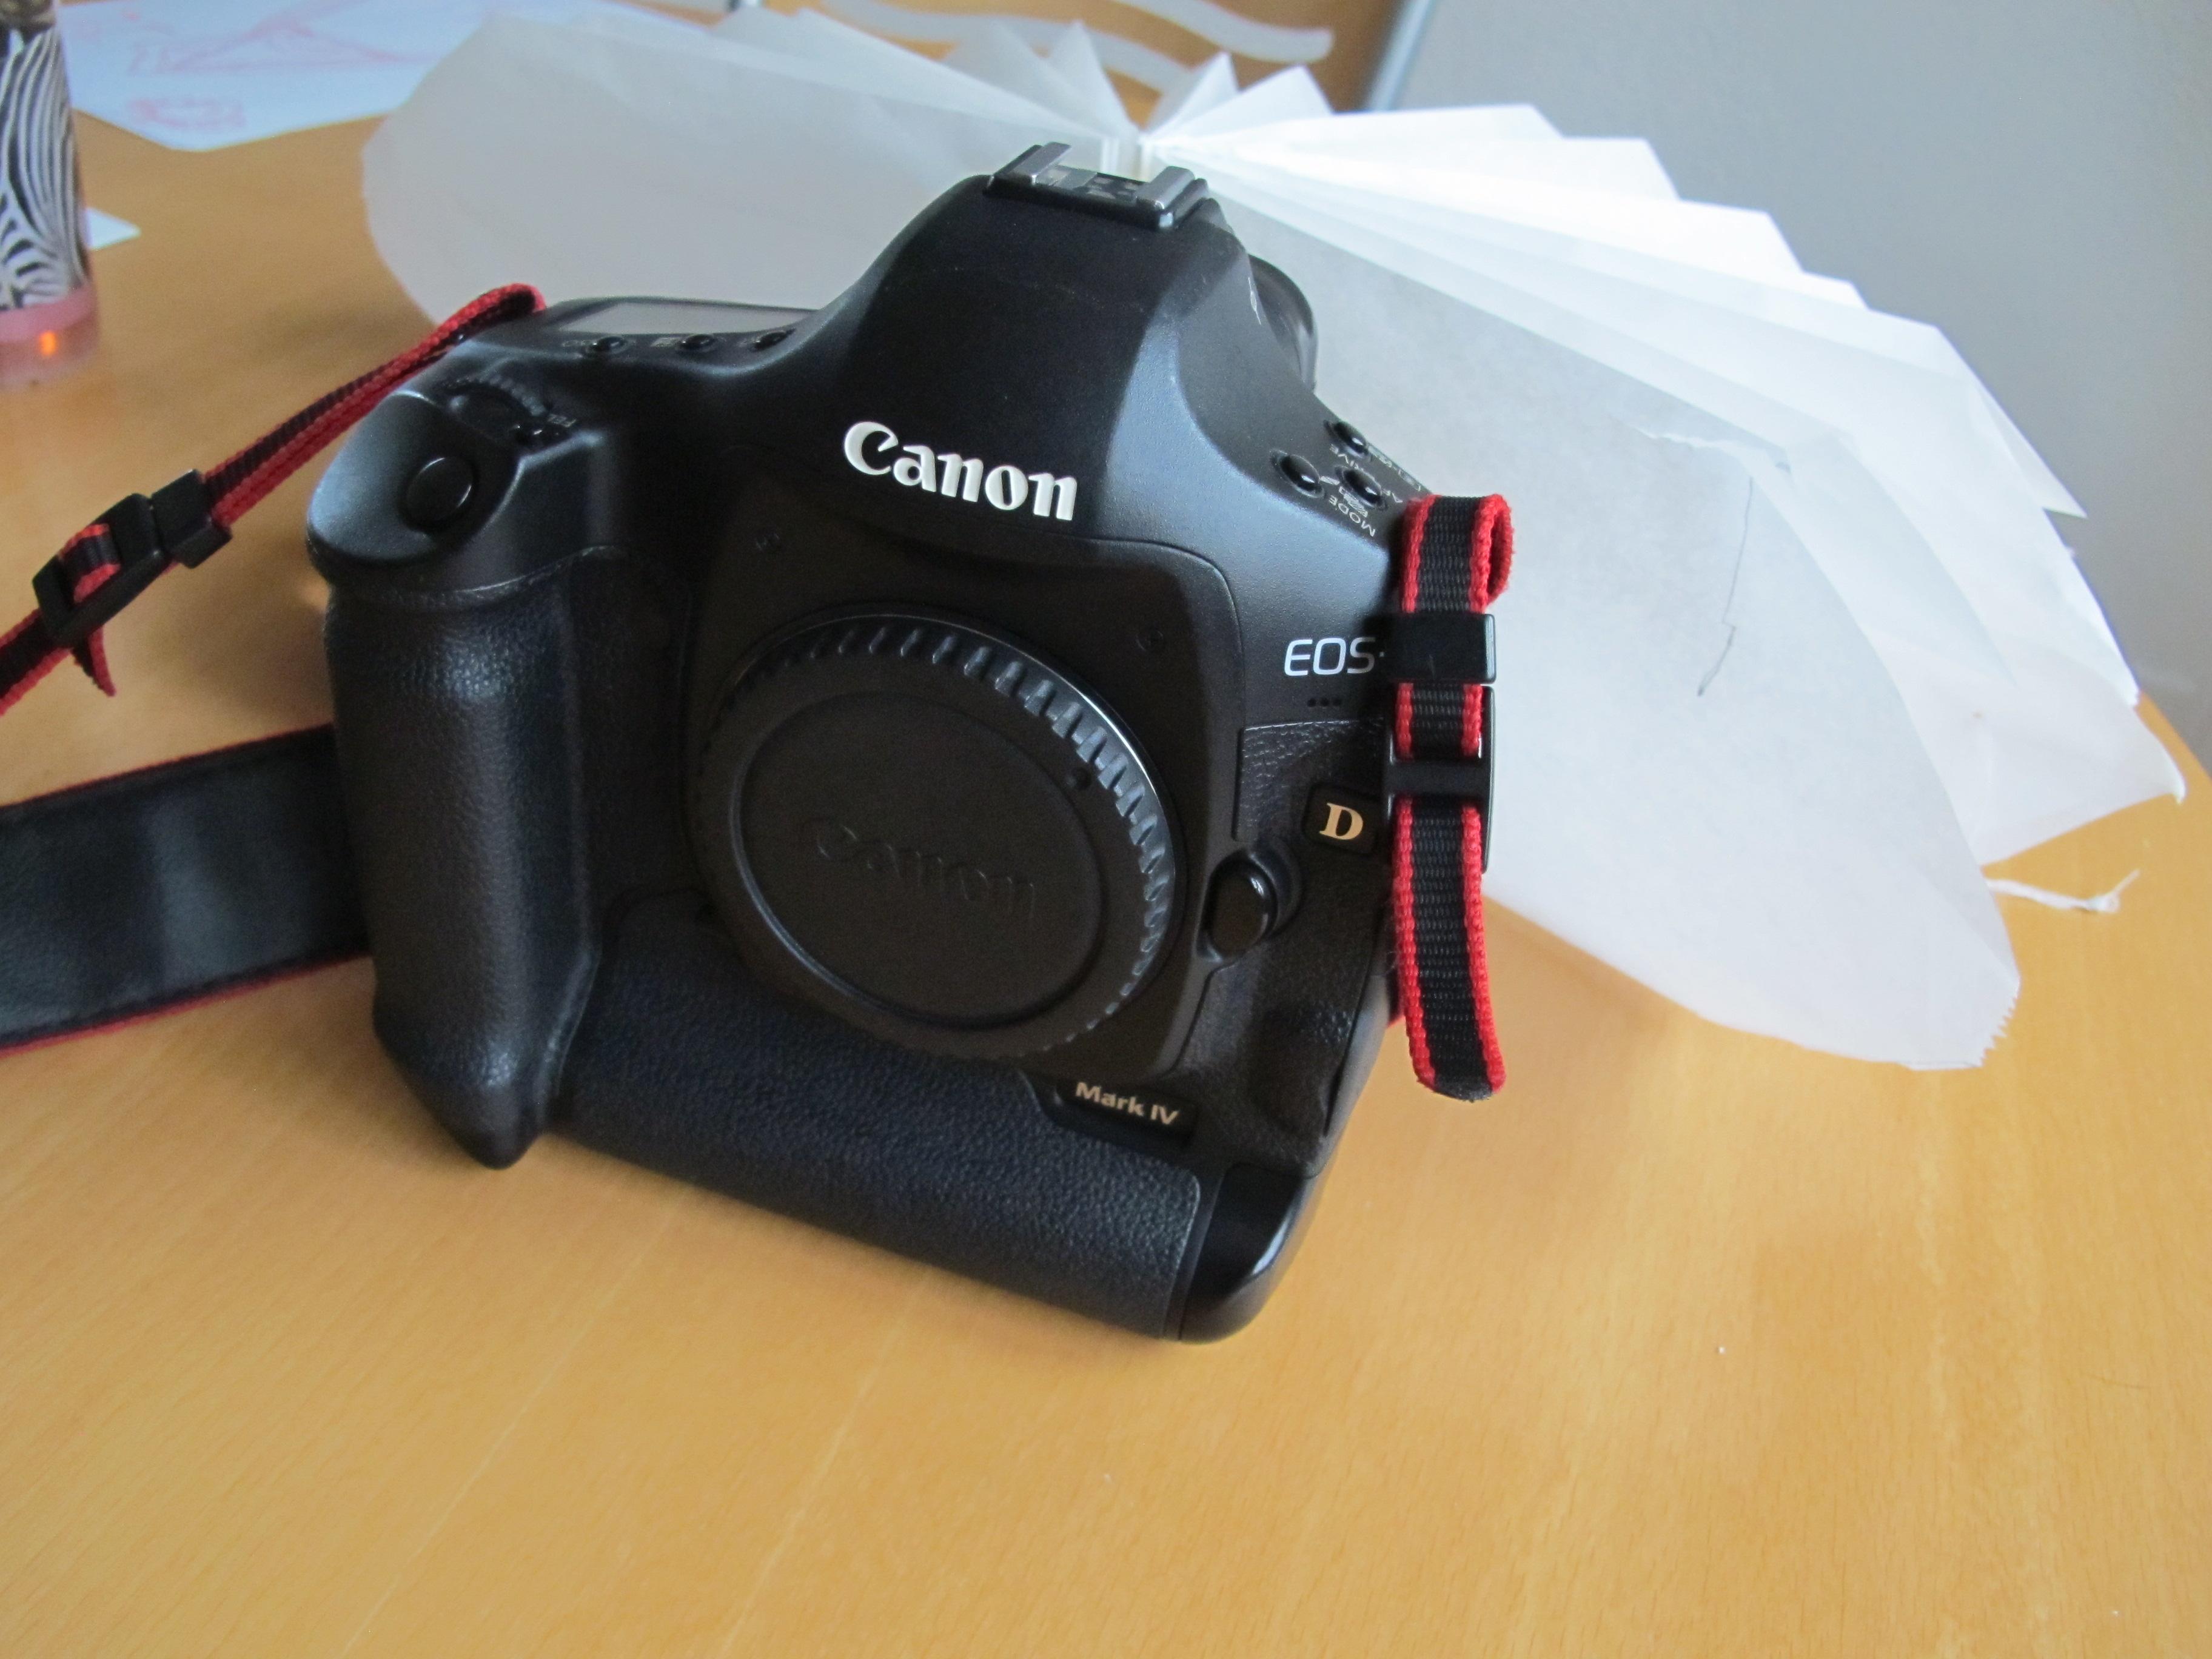 Ott Wyss Ag Fototechnik Fotobrse Eintrge Anzeigen Canon Eos 6d Kit 24 105mm F 40l Is Usm Wifi And Gps 1d Mark Iv Body Gehuse Ohne Objektiv